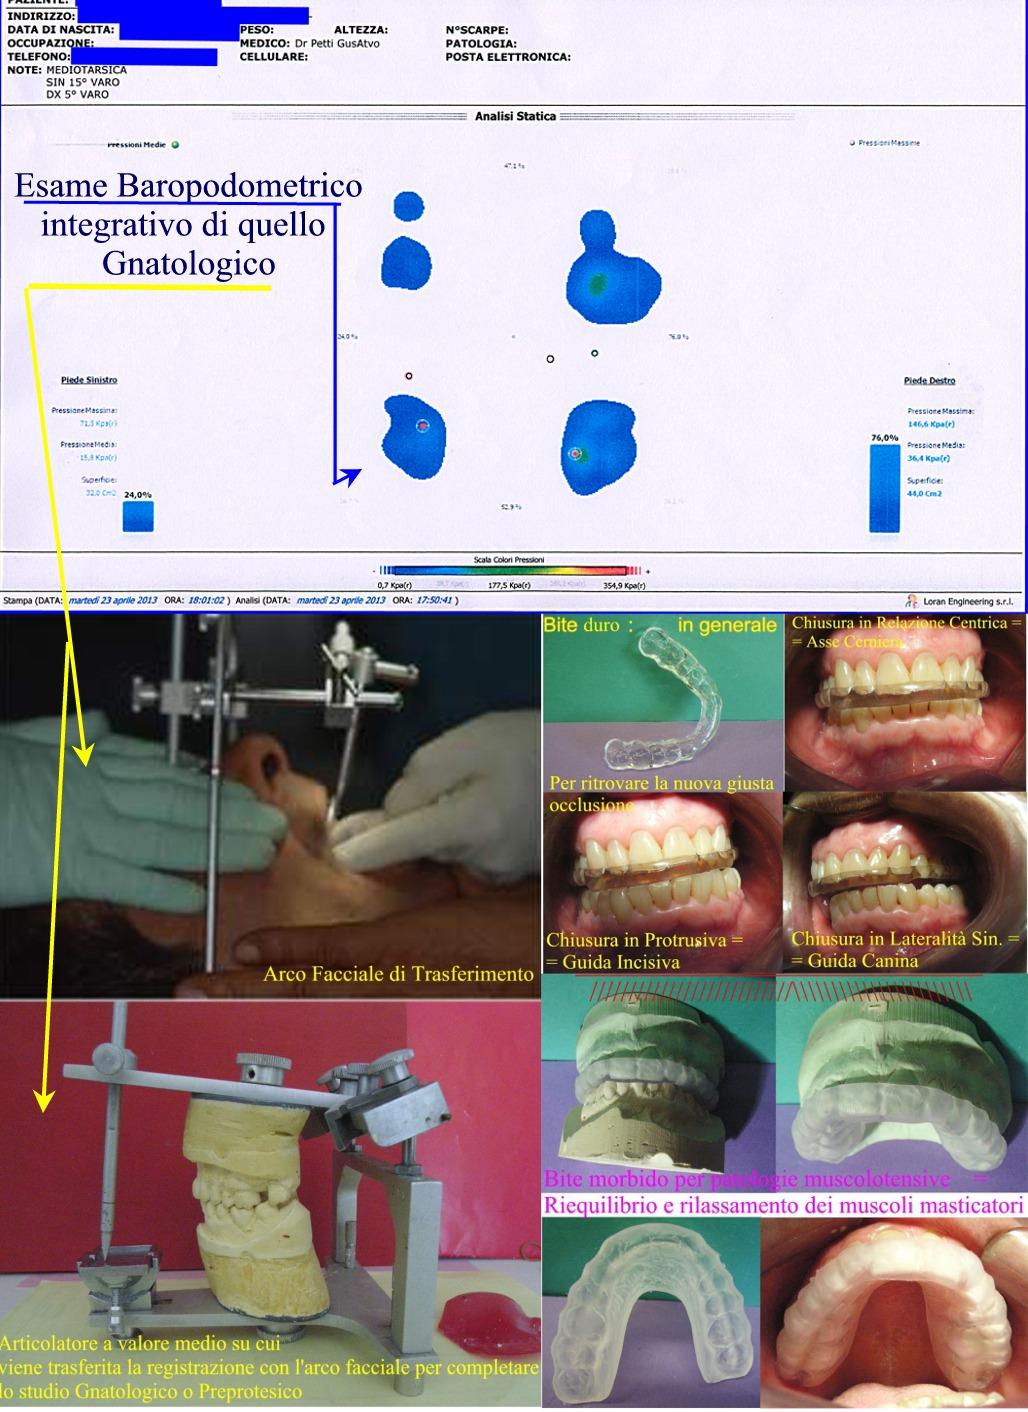 Arco facciale di trasferimento ed articalotare semindividuale per studio gnatologico e Analsi Stabilometrica e vari tipi di Bite. Da Dr. Gustavo Petti Parodontologo Gnatologo di Cagliari